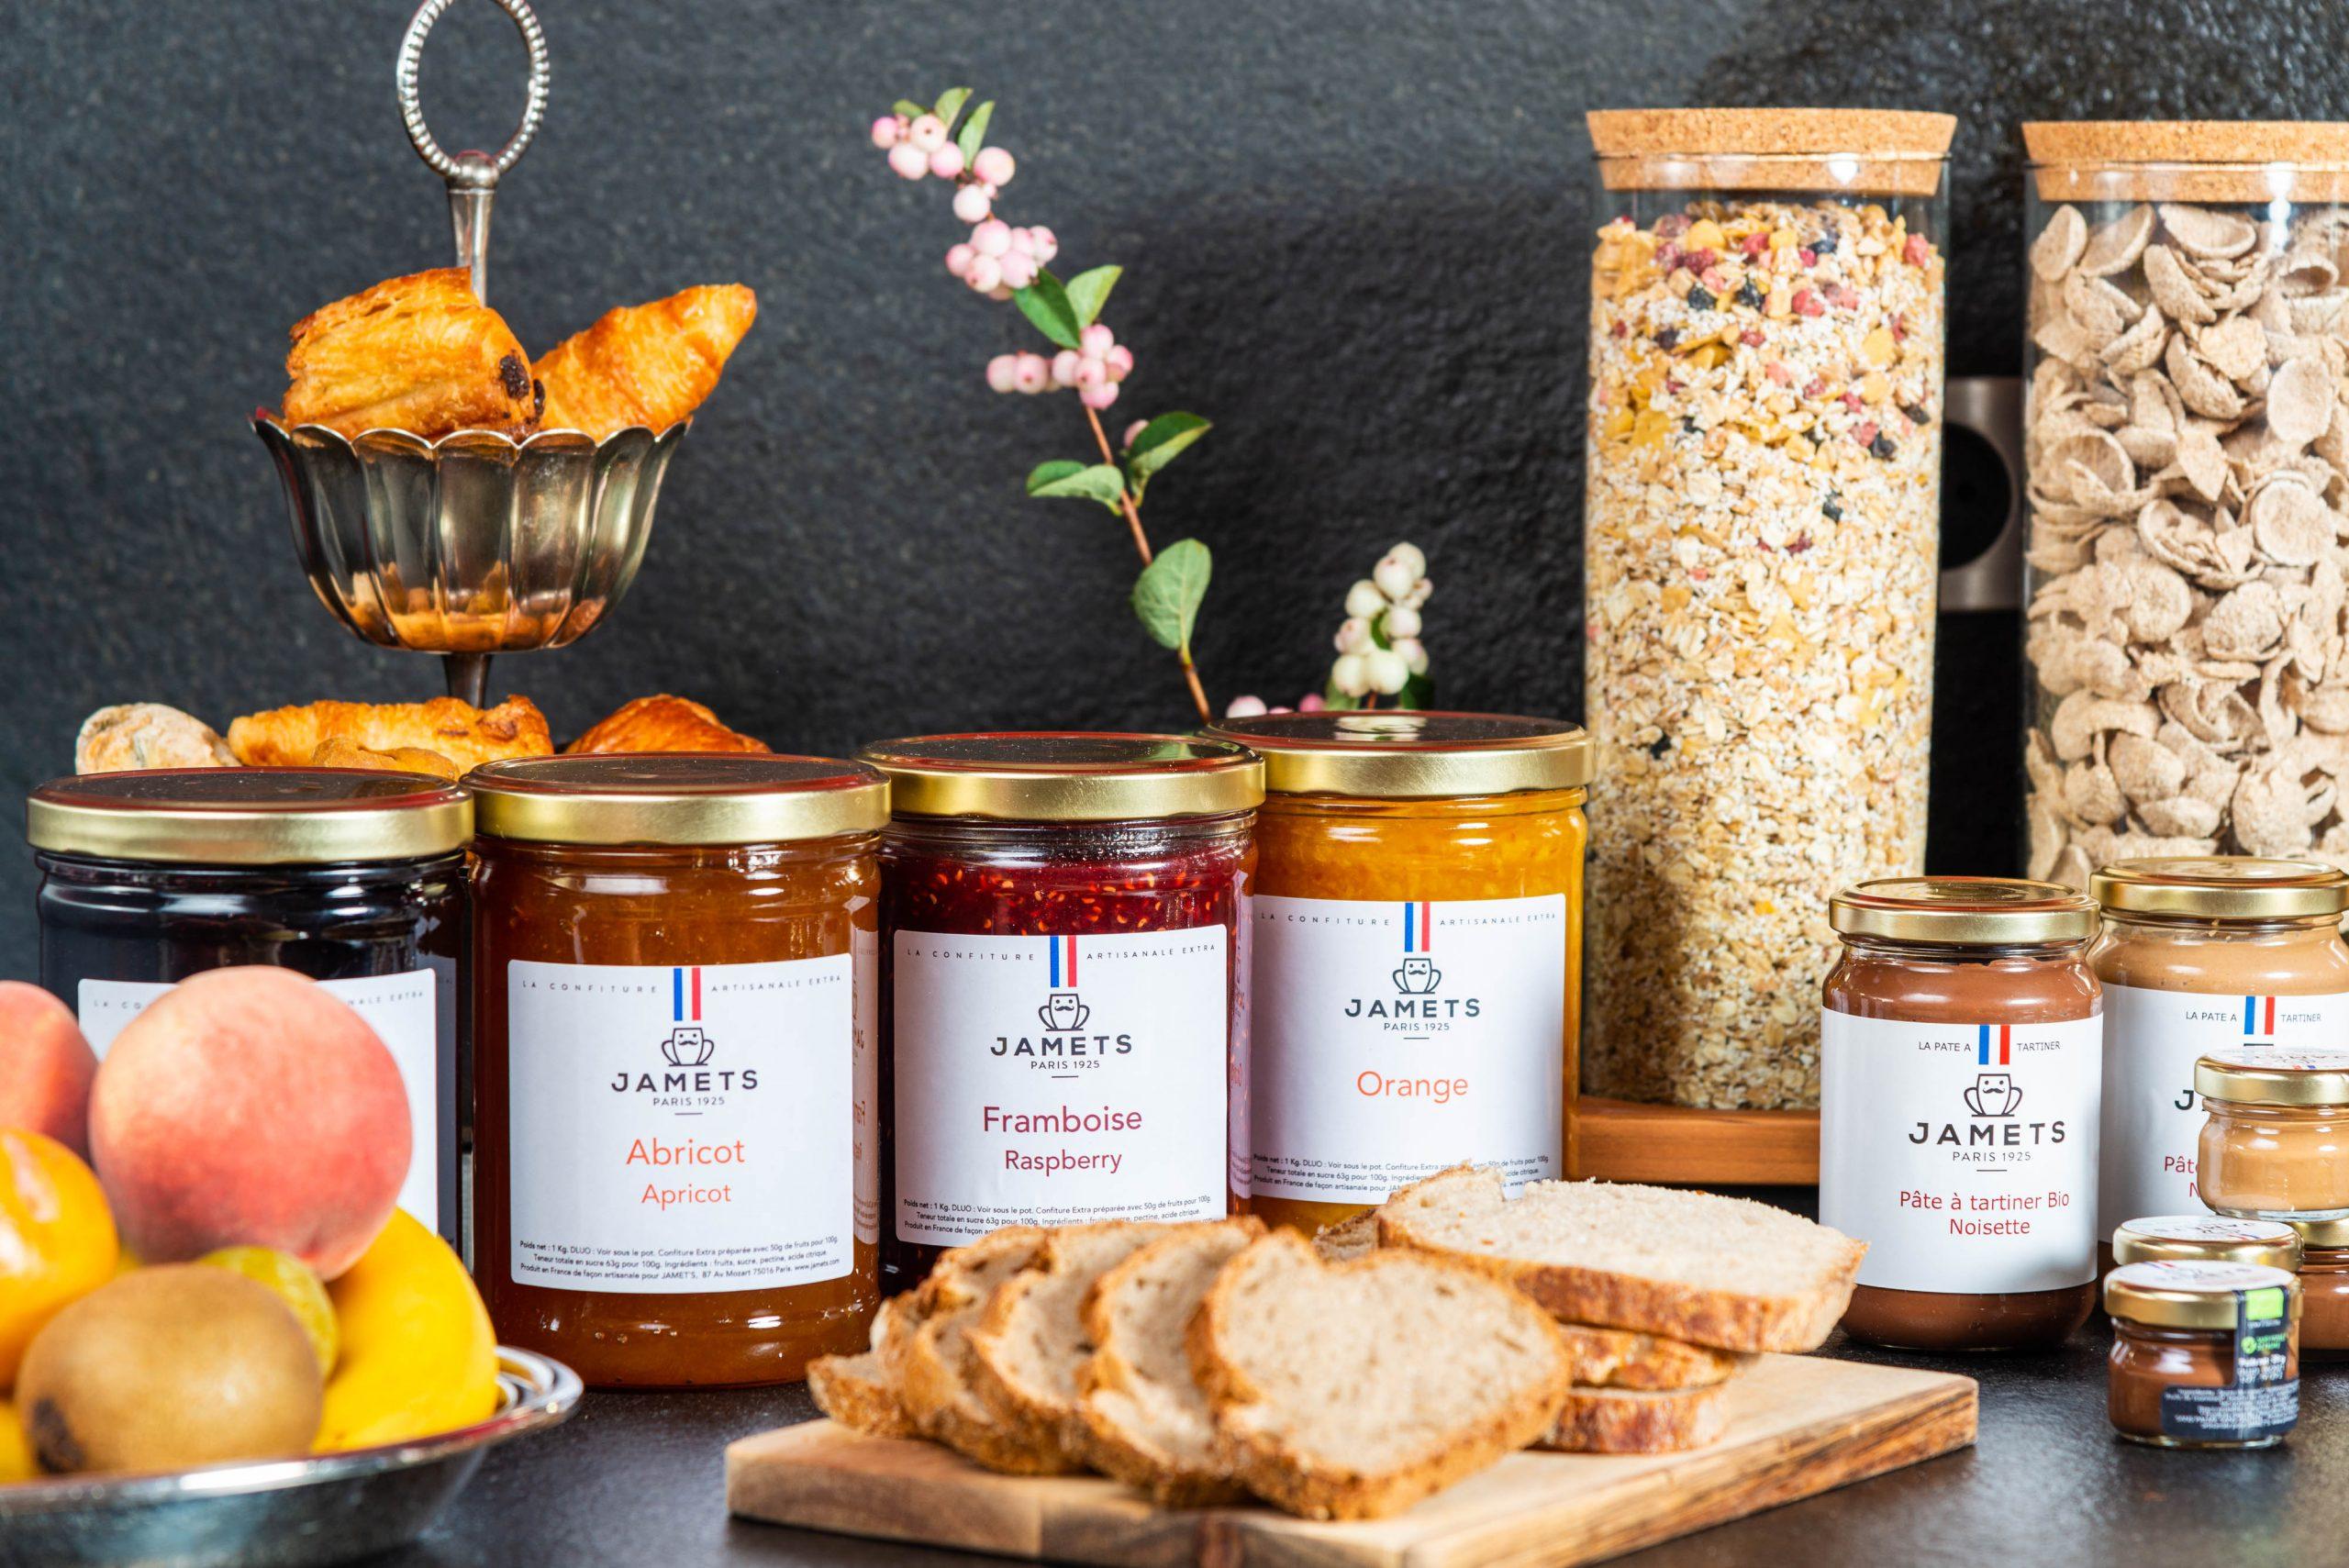 produits Jamets confitures pâte à tartiner céréales mueslis boutique en ligne